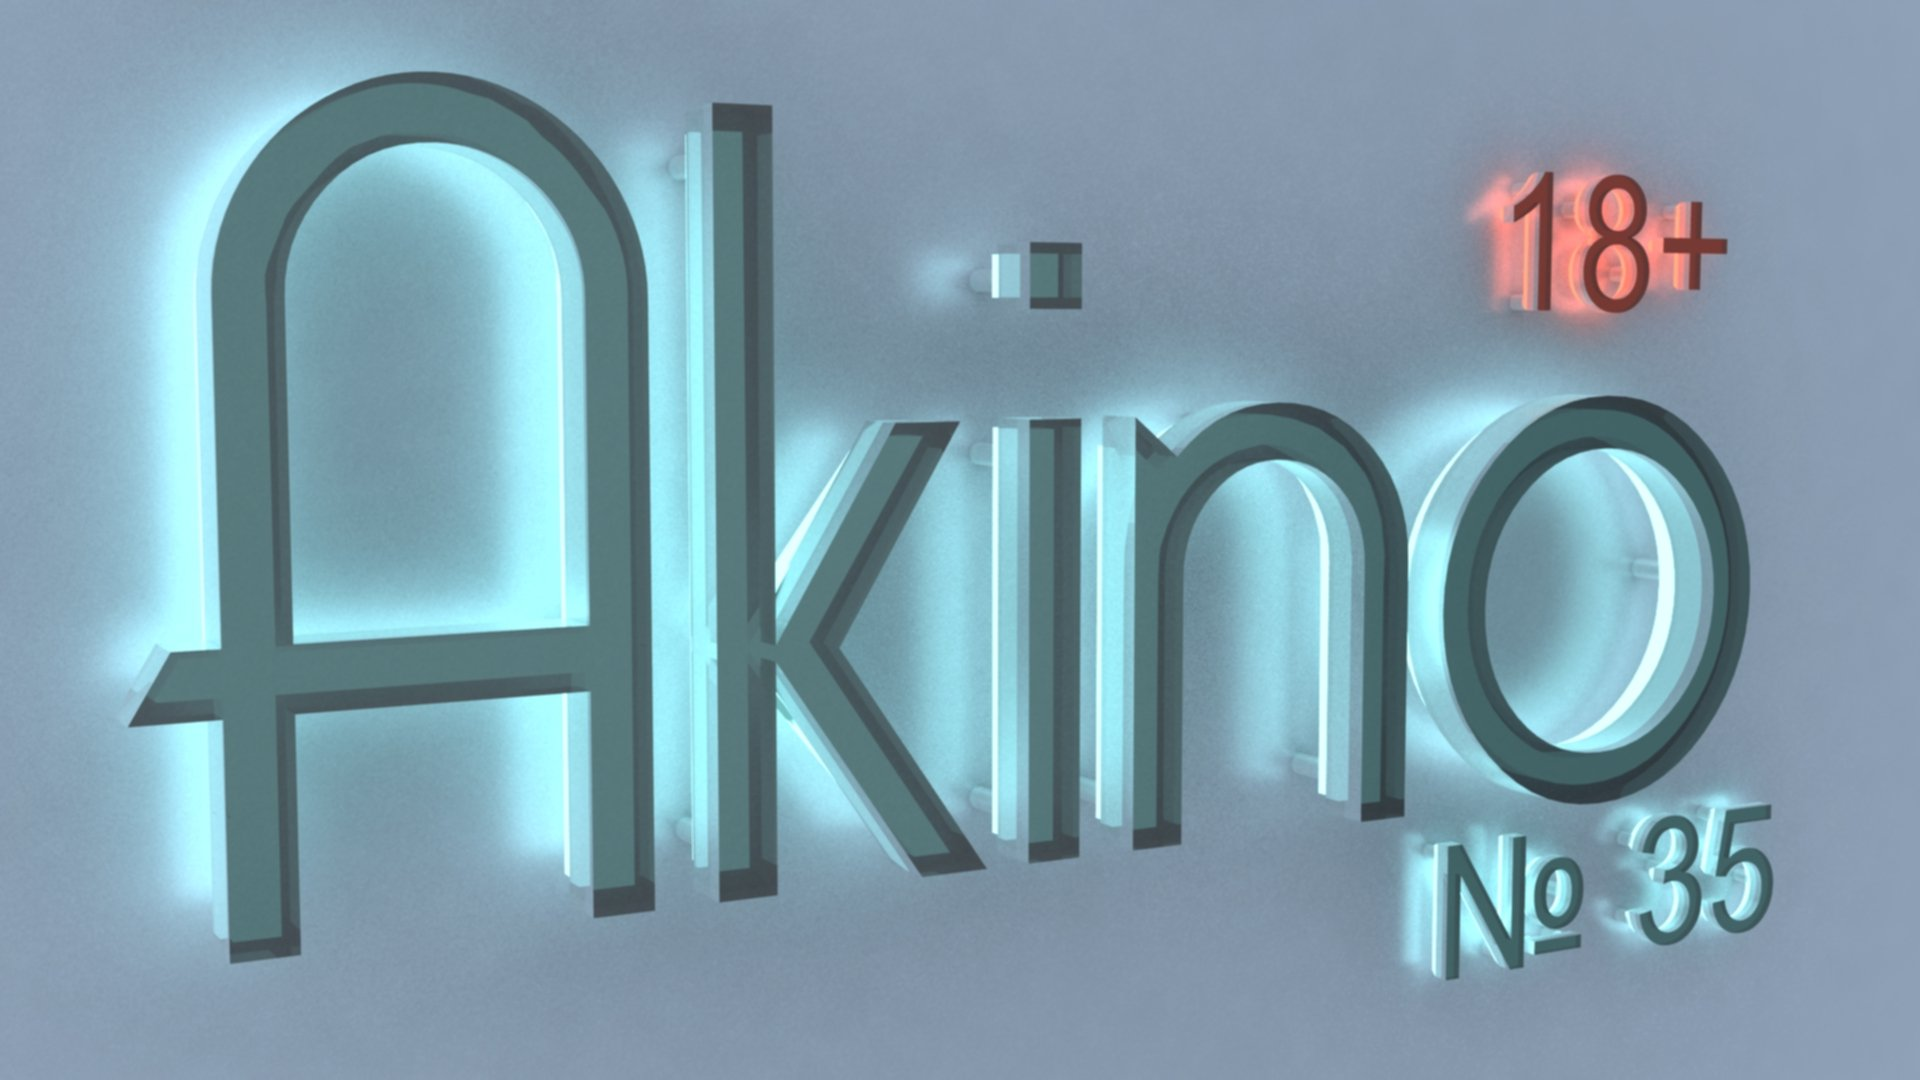 Подкаст AkiNO Выпуск № 35 (18+). - Изображение 1